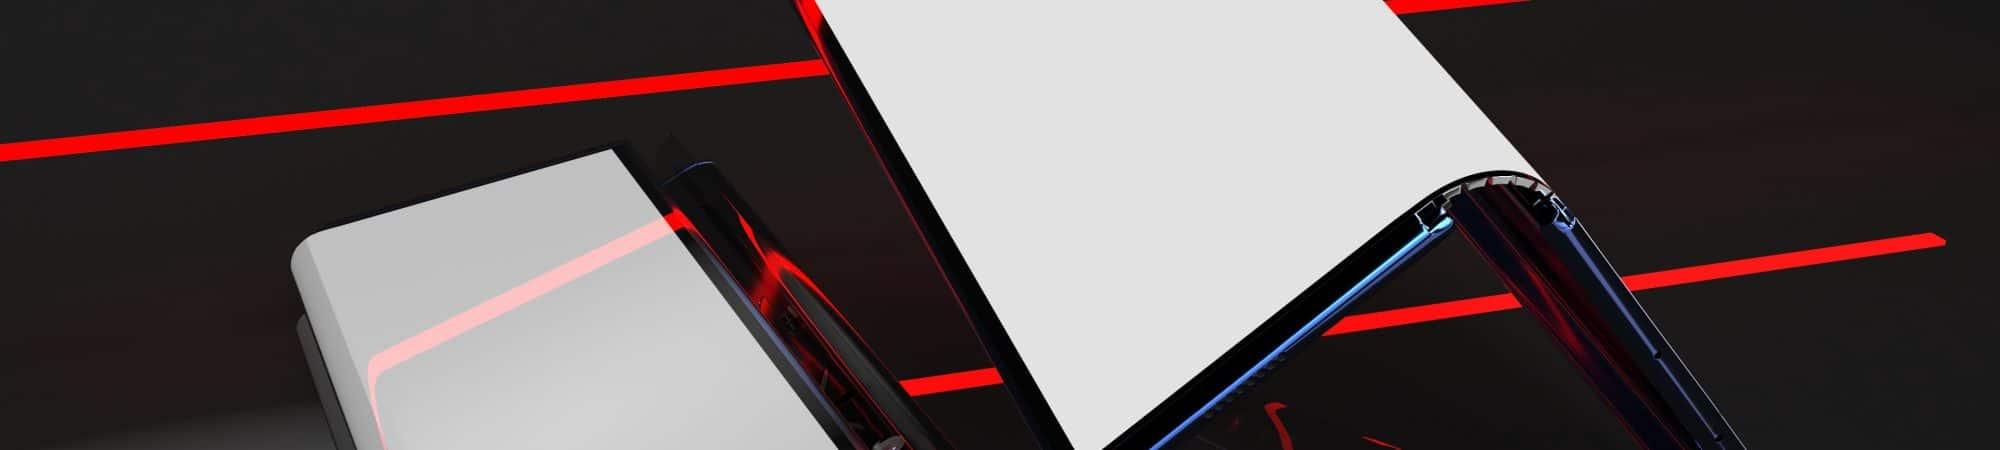 Iphone dobrável com tecnologia LG.